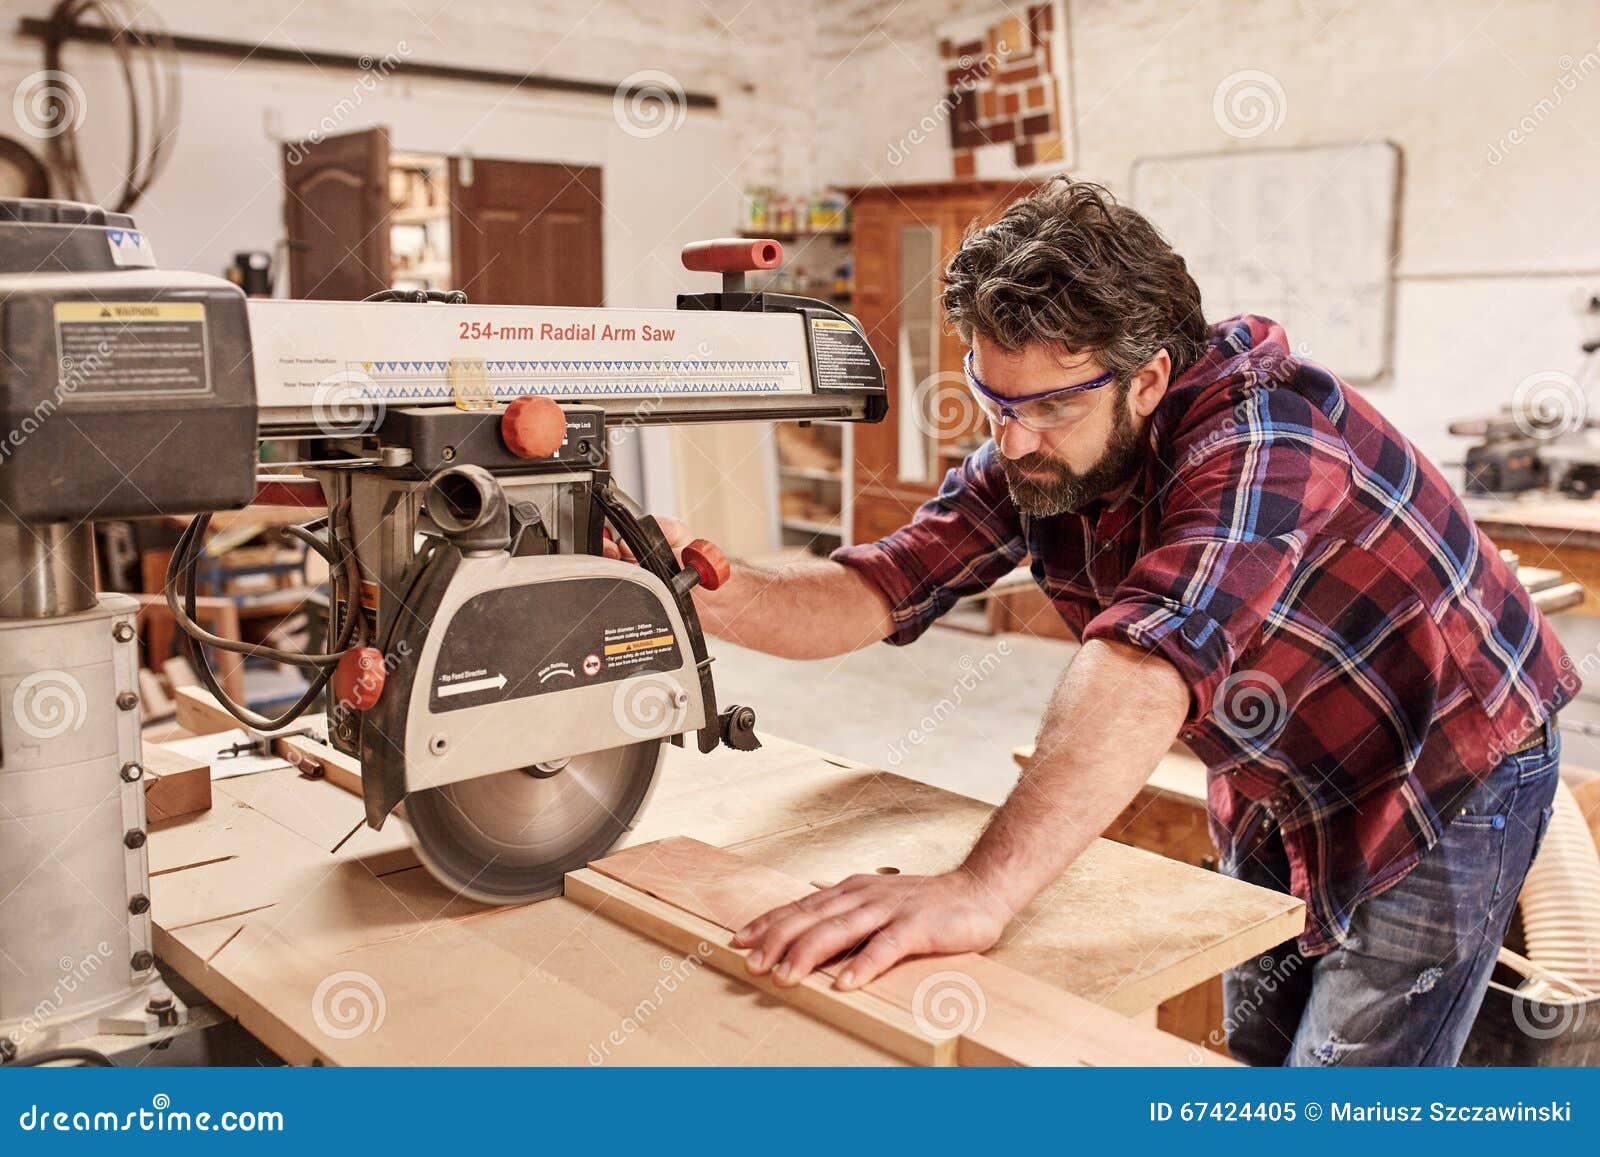 El carpintero que usaba el brazo radial vio para cortar la for Cortar madera con radial